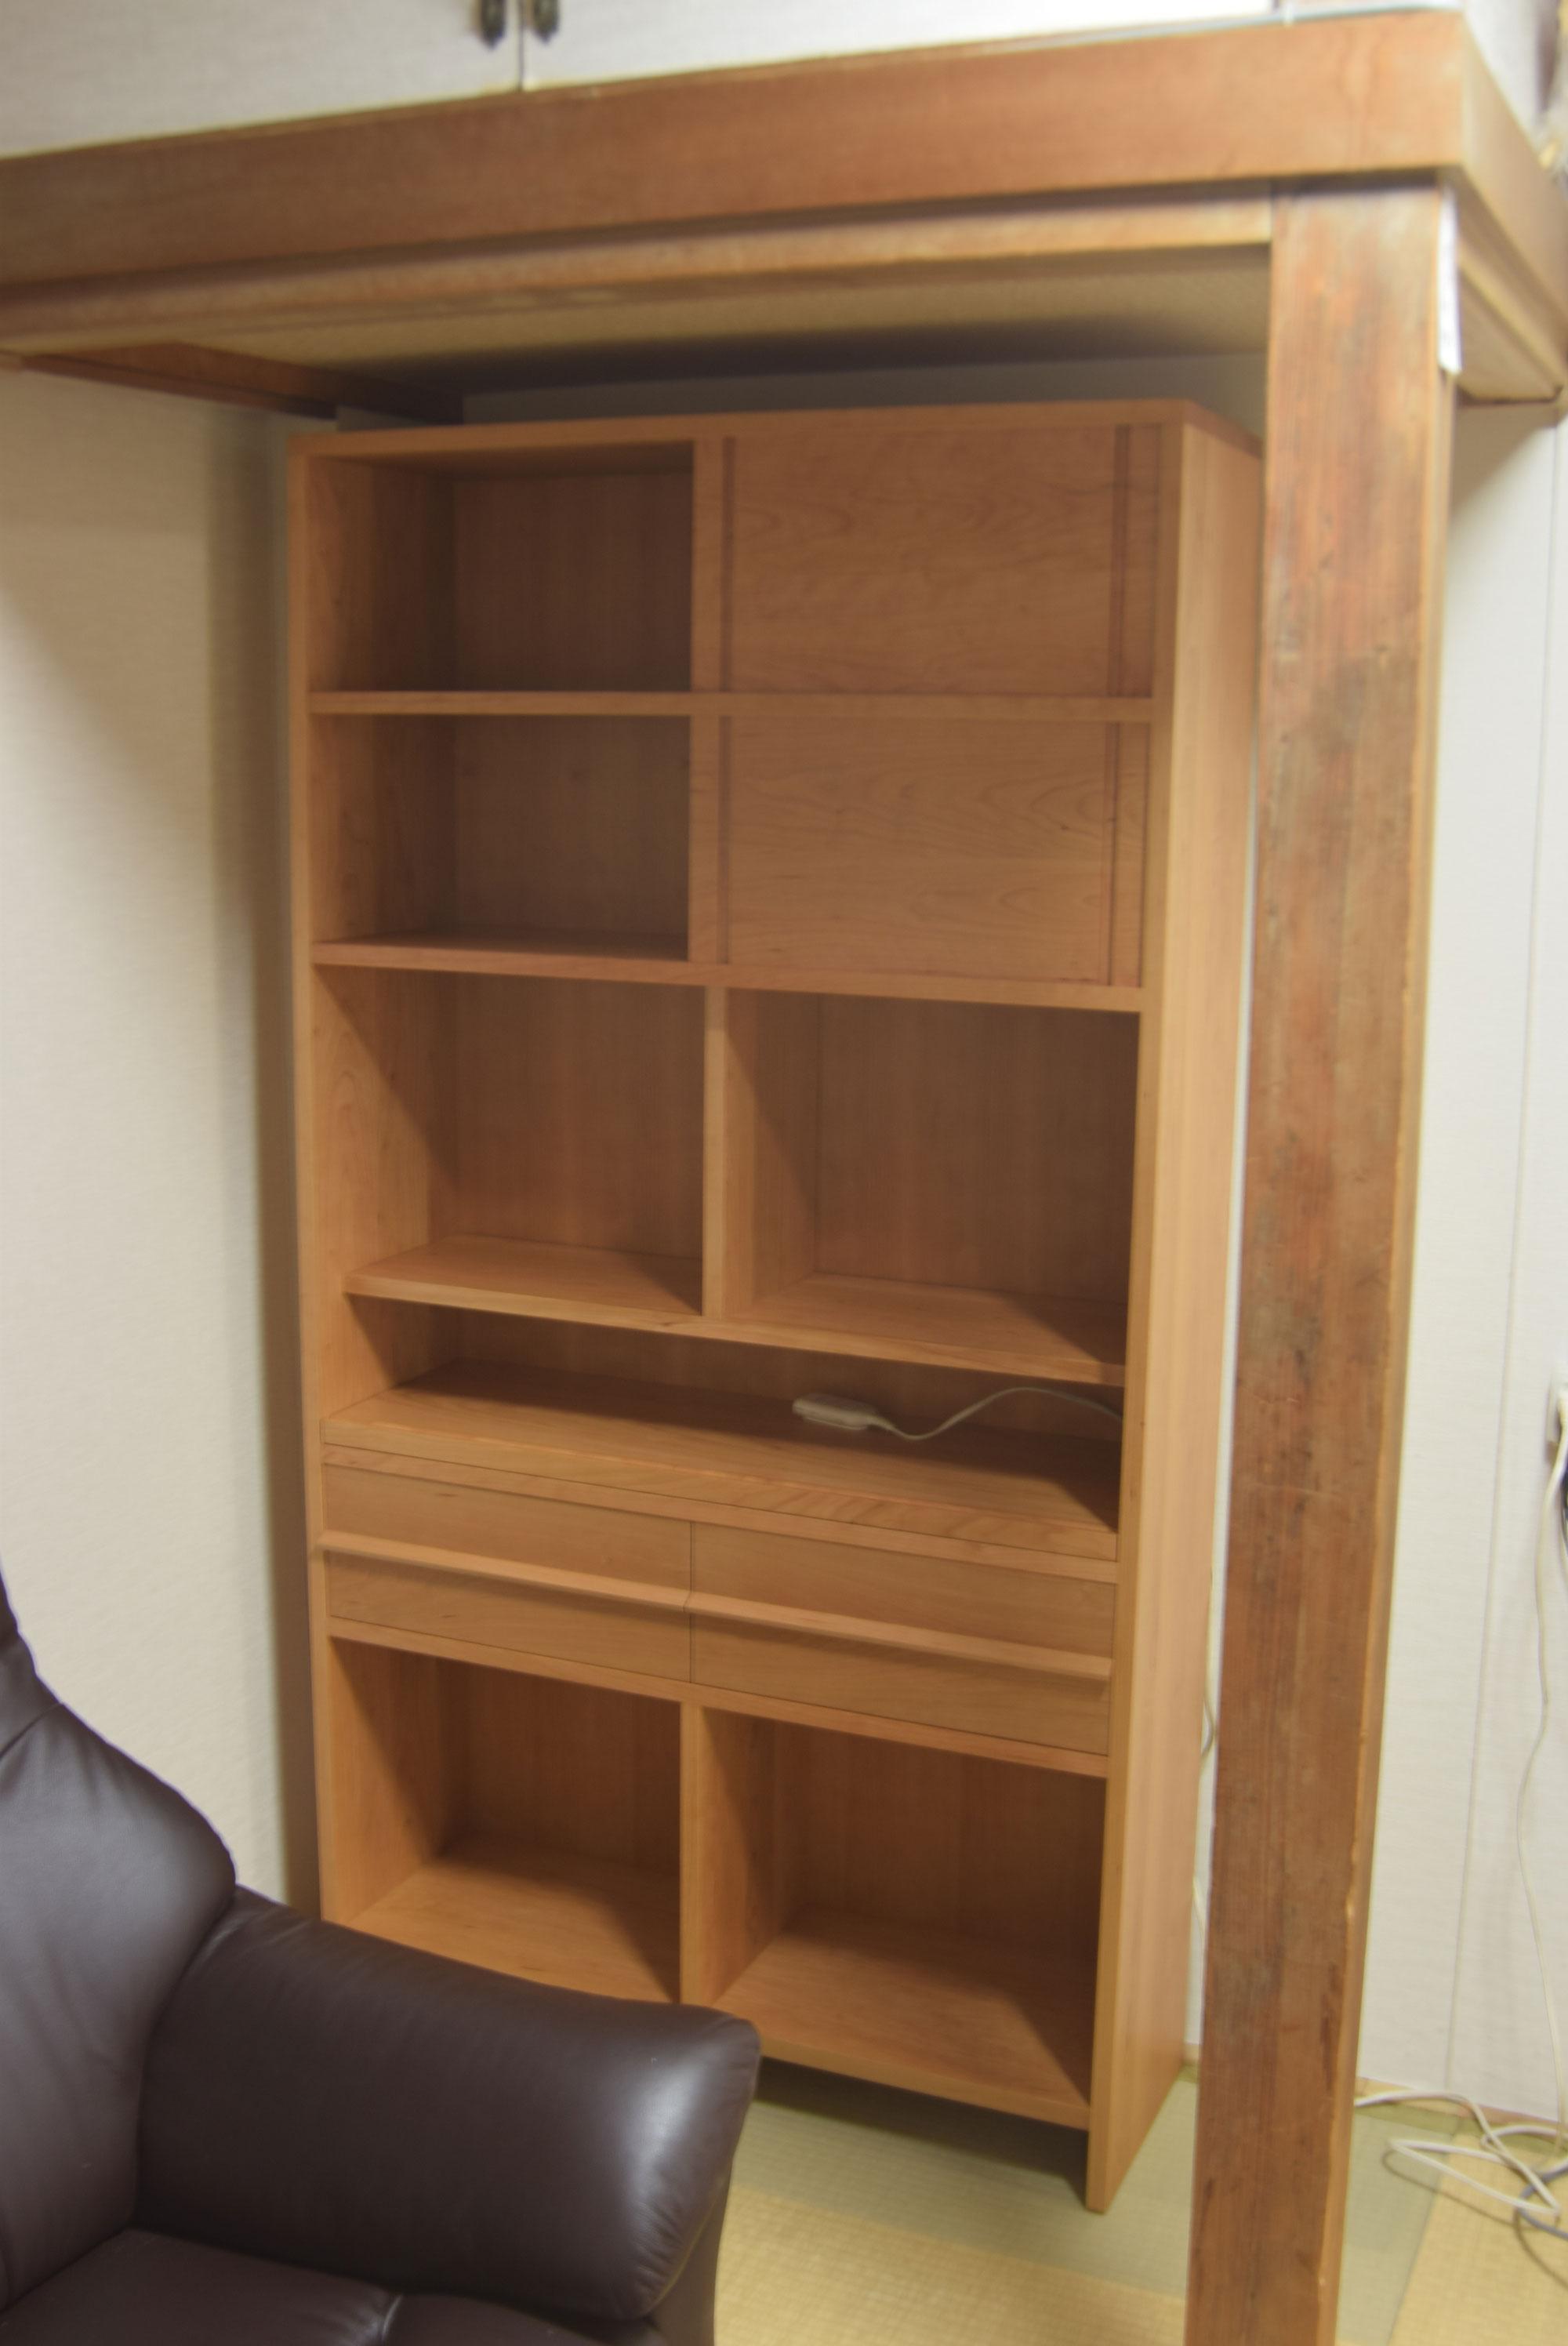 スライドして引き出すとデスクとしてお使いいただけるTANA仕様の本棚